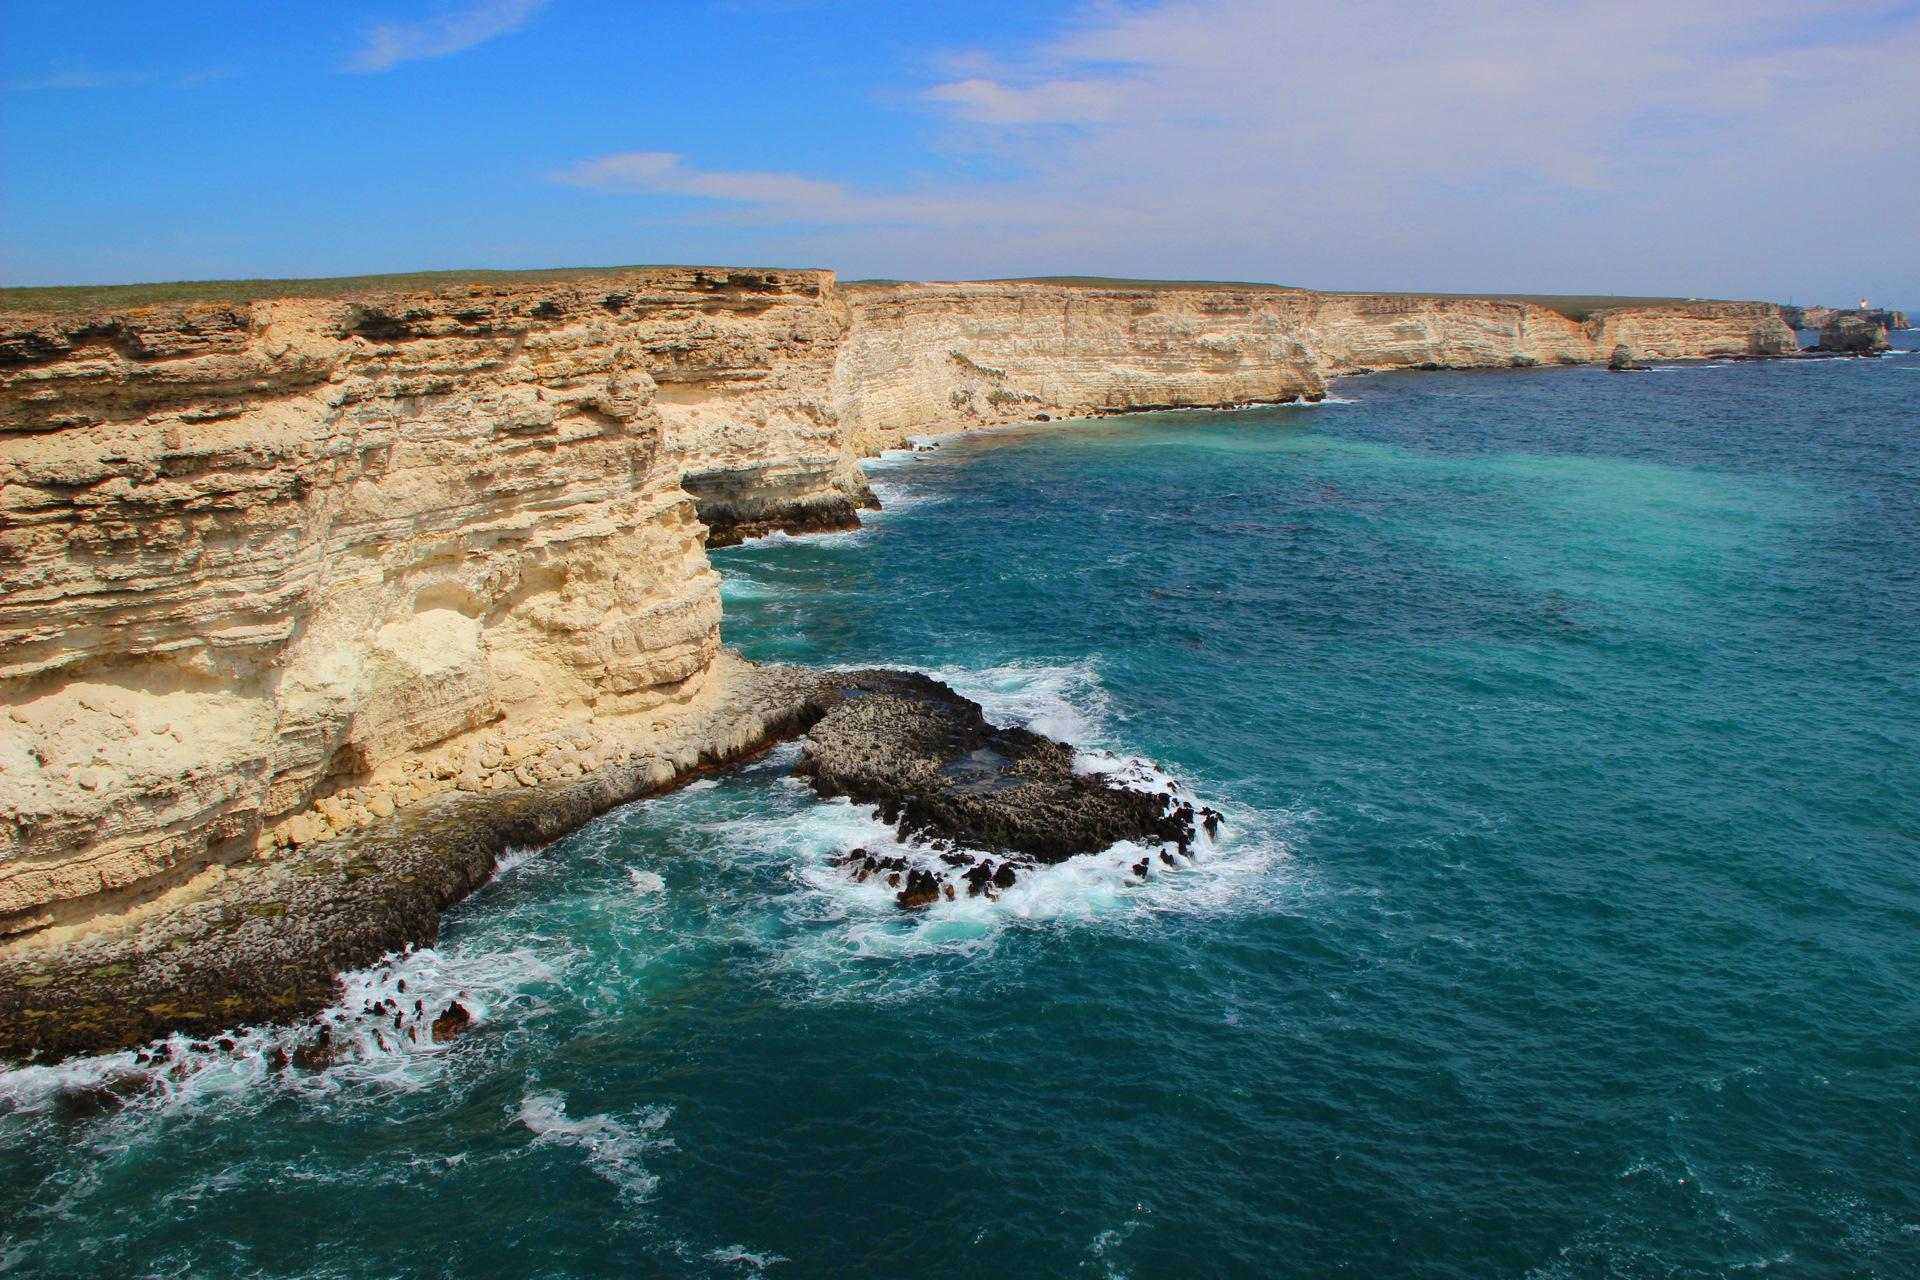 крым тарханкут фото пляжей и набережной котлы